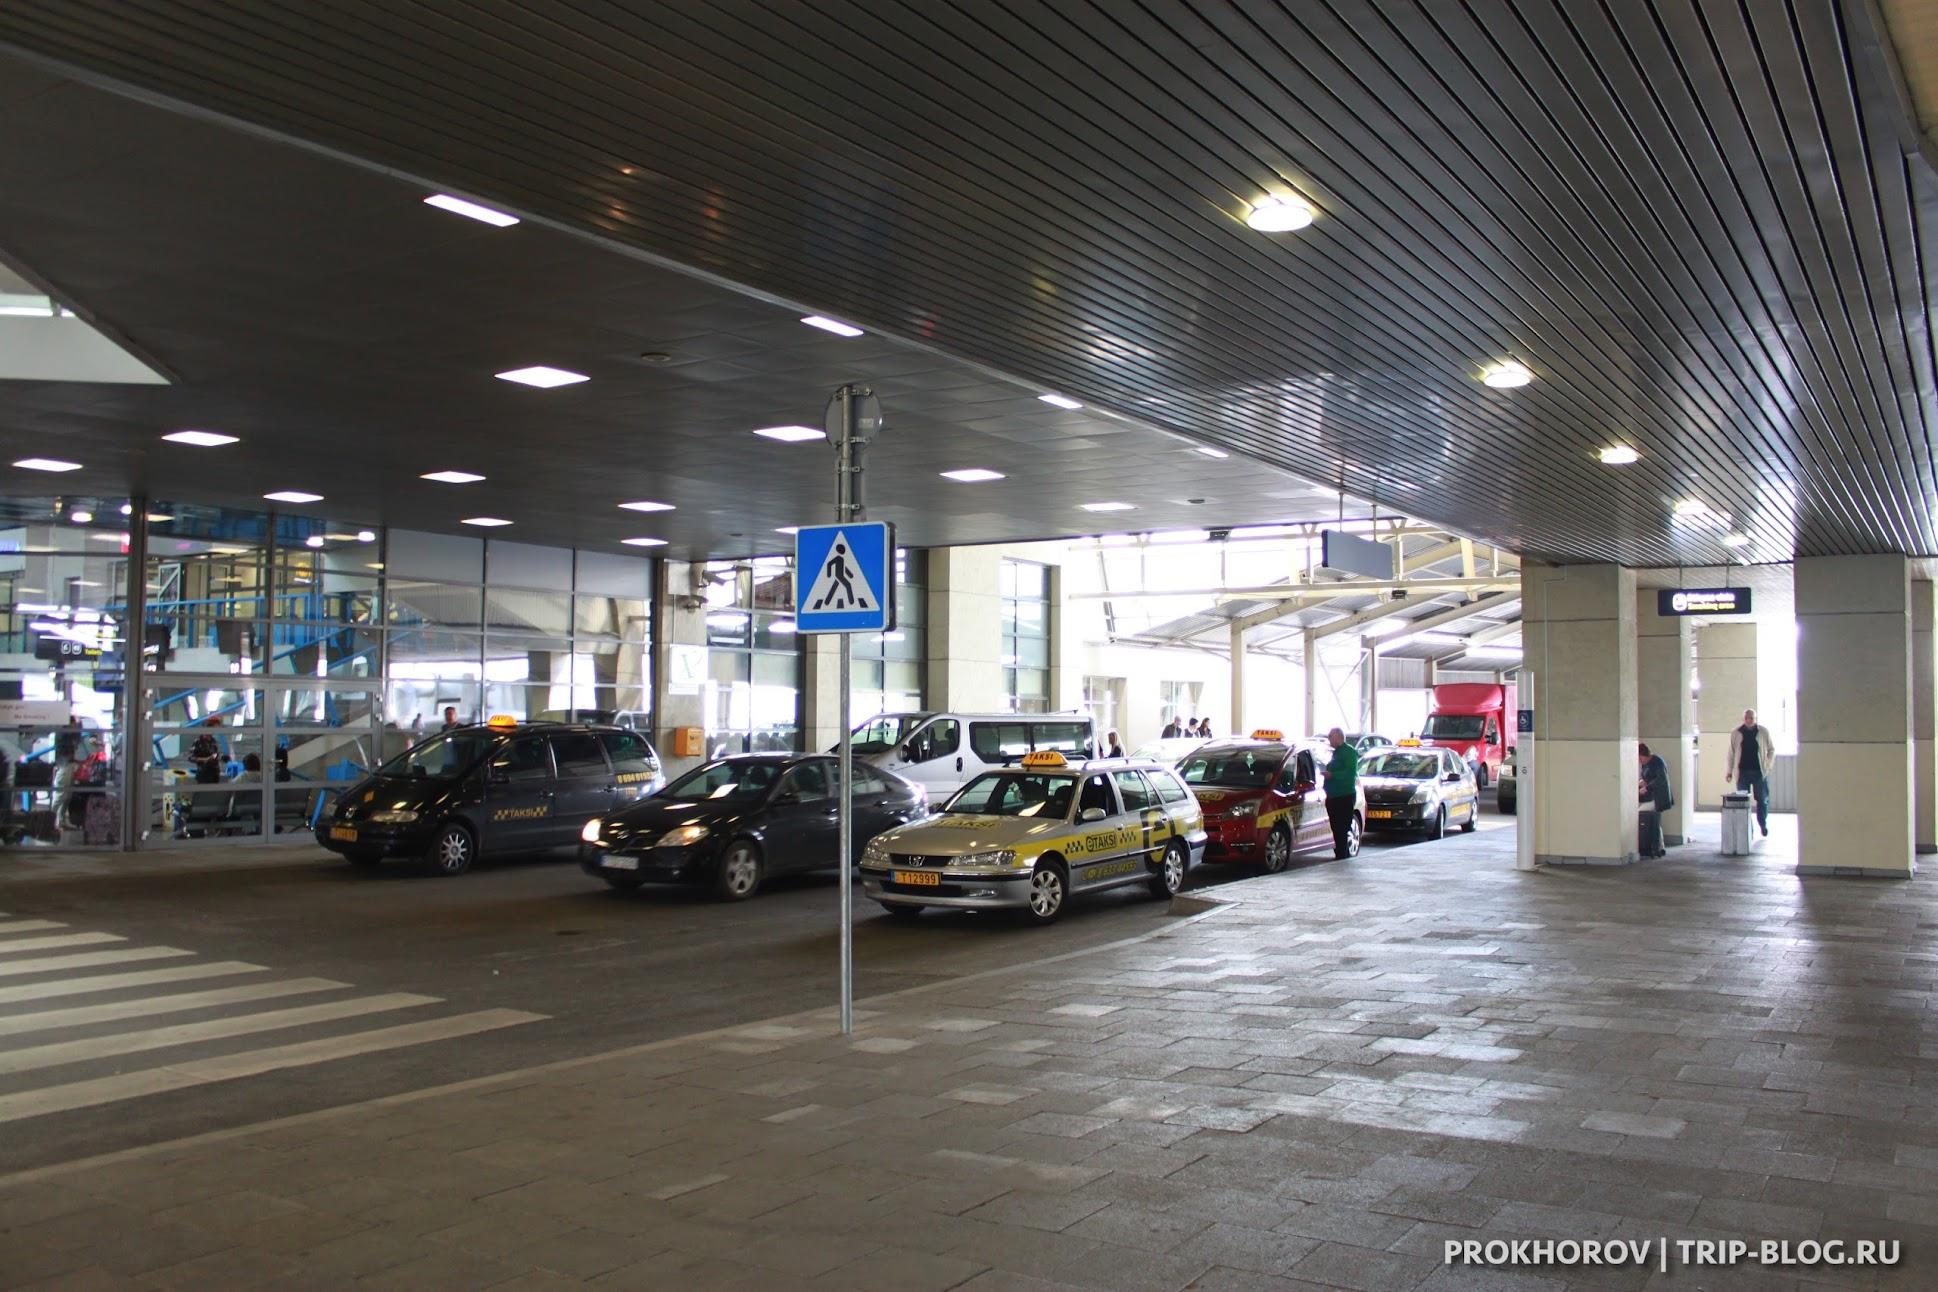 аэропорт Вильнюса место для курения